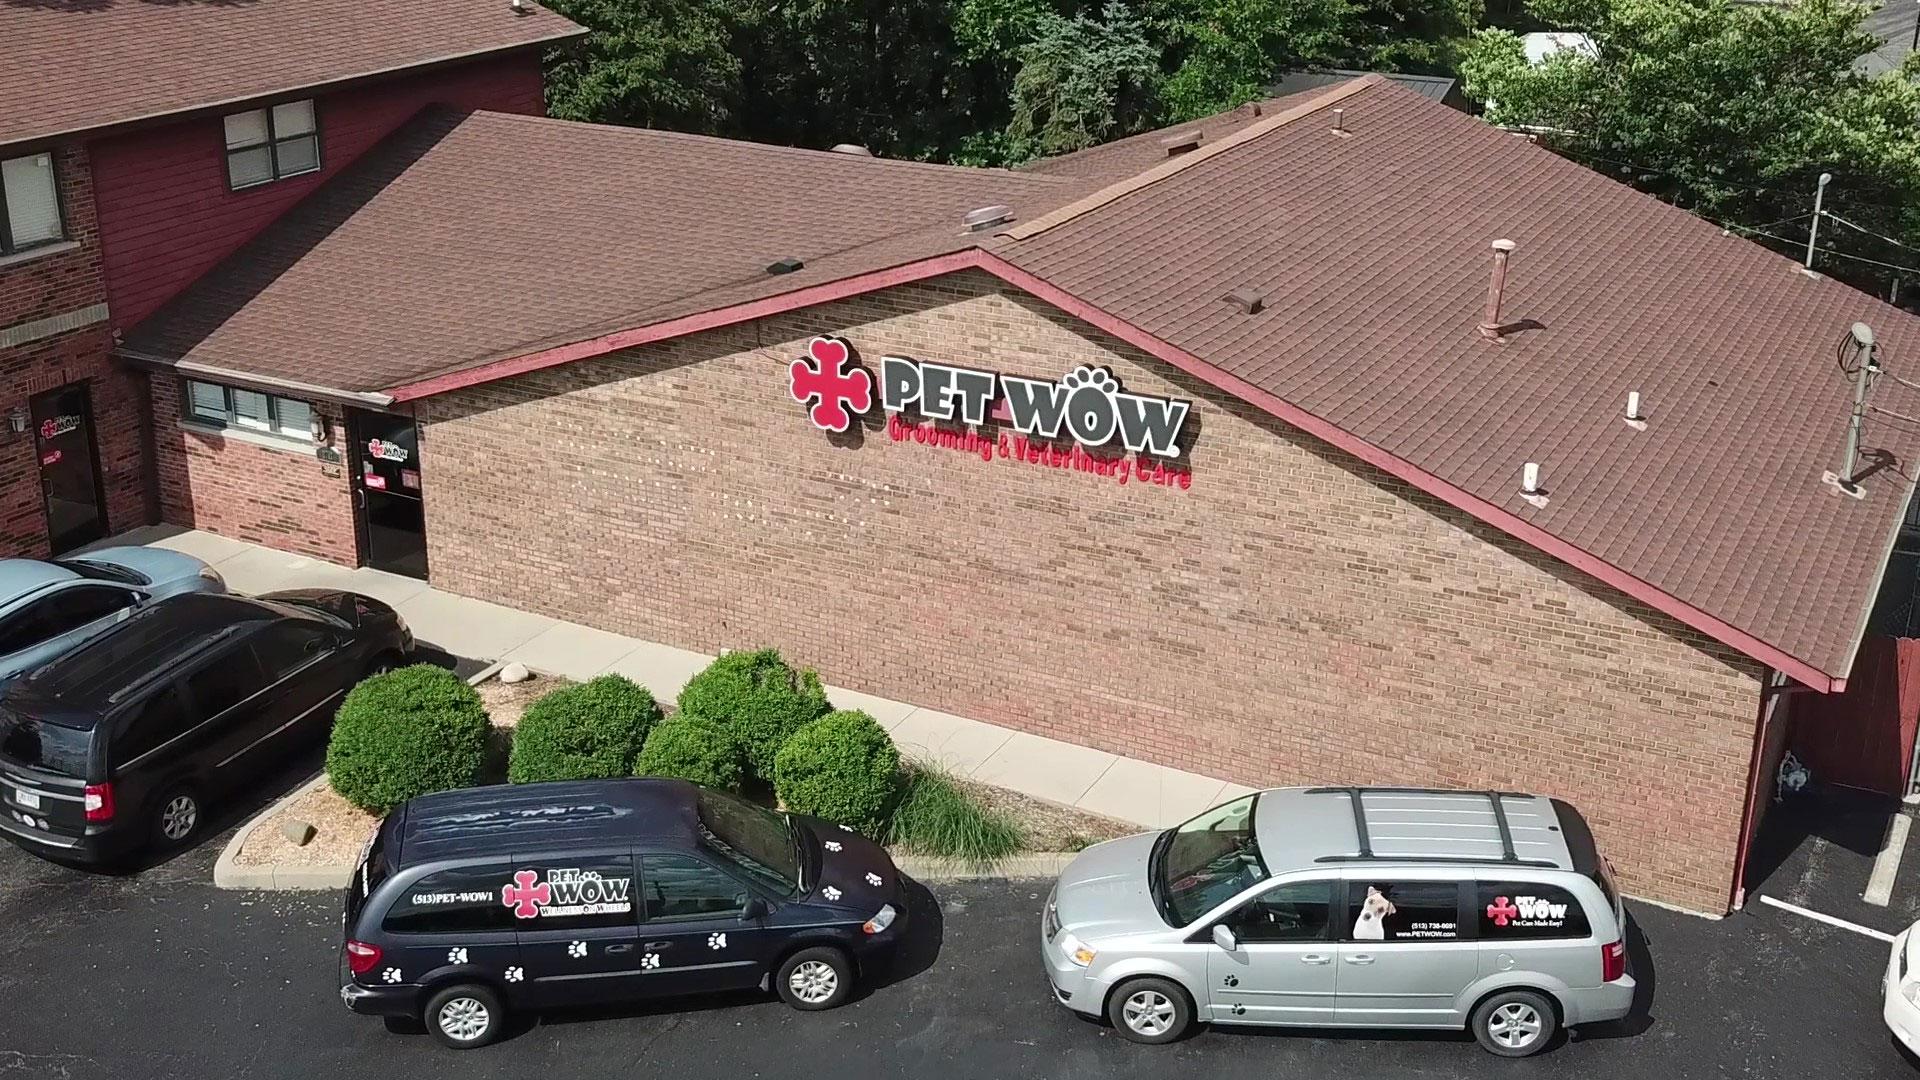 Pet Wow Highland Heights Kentucky - PetWow